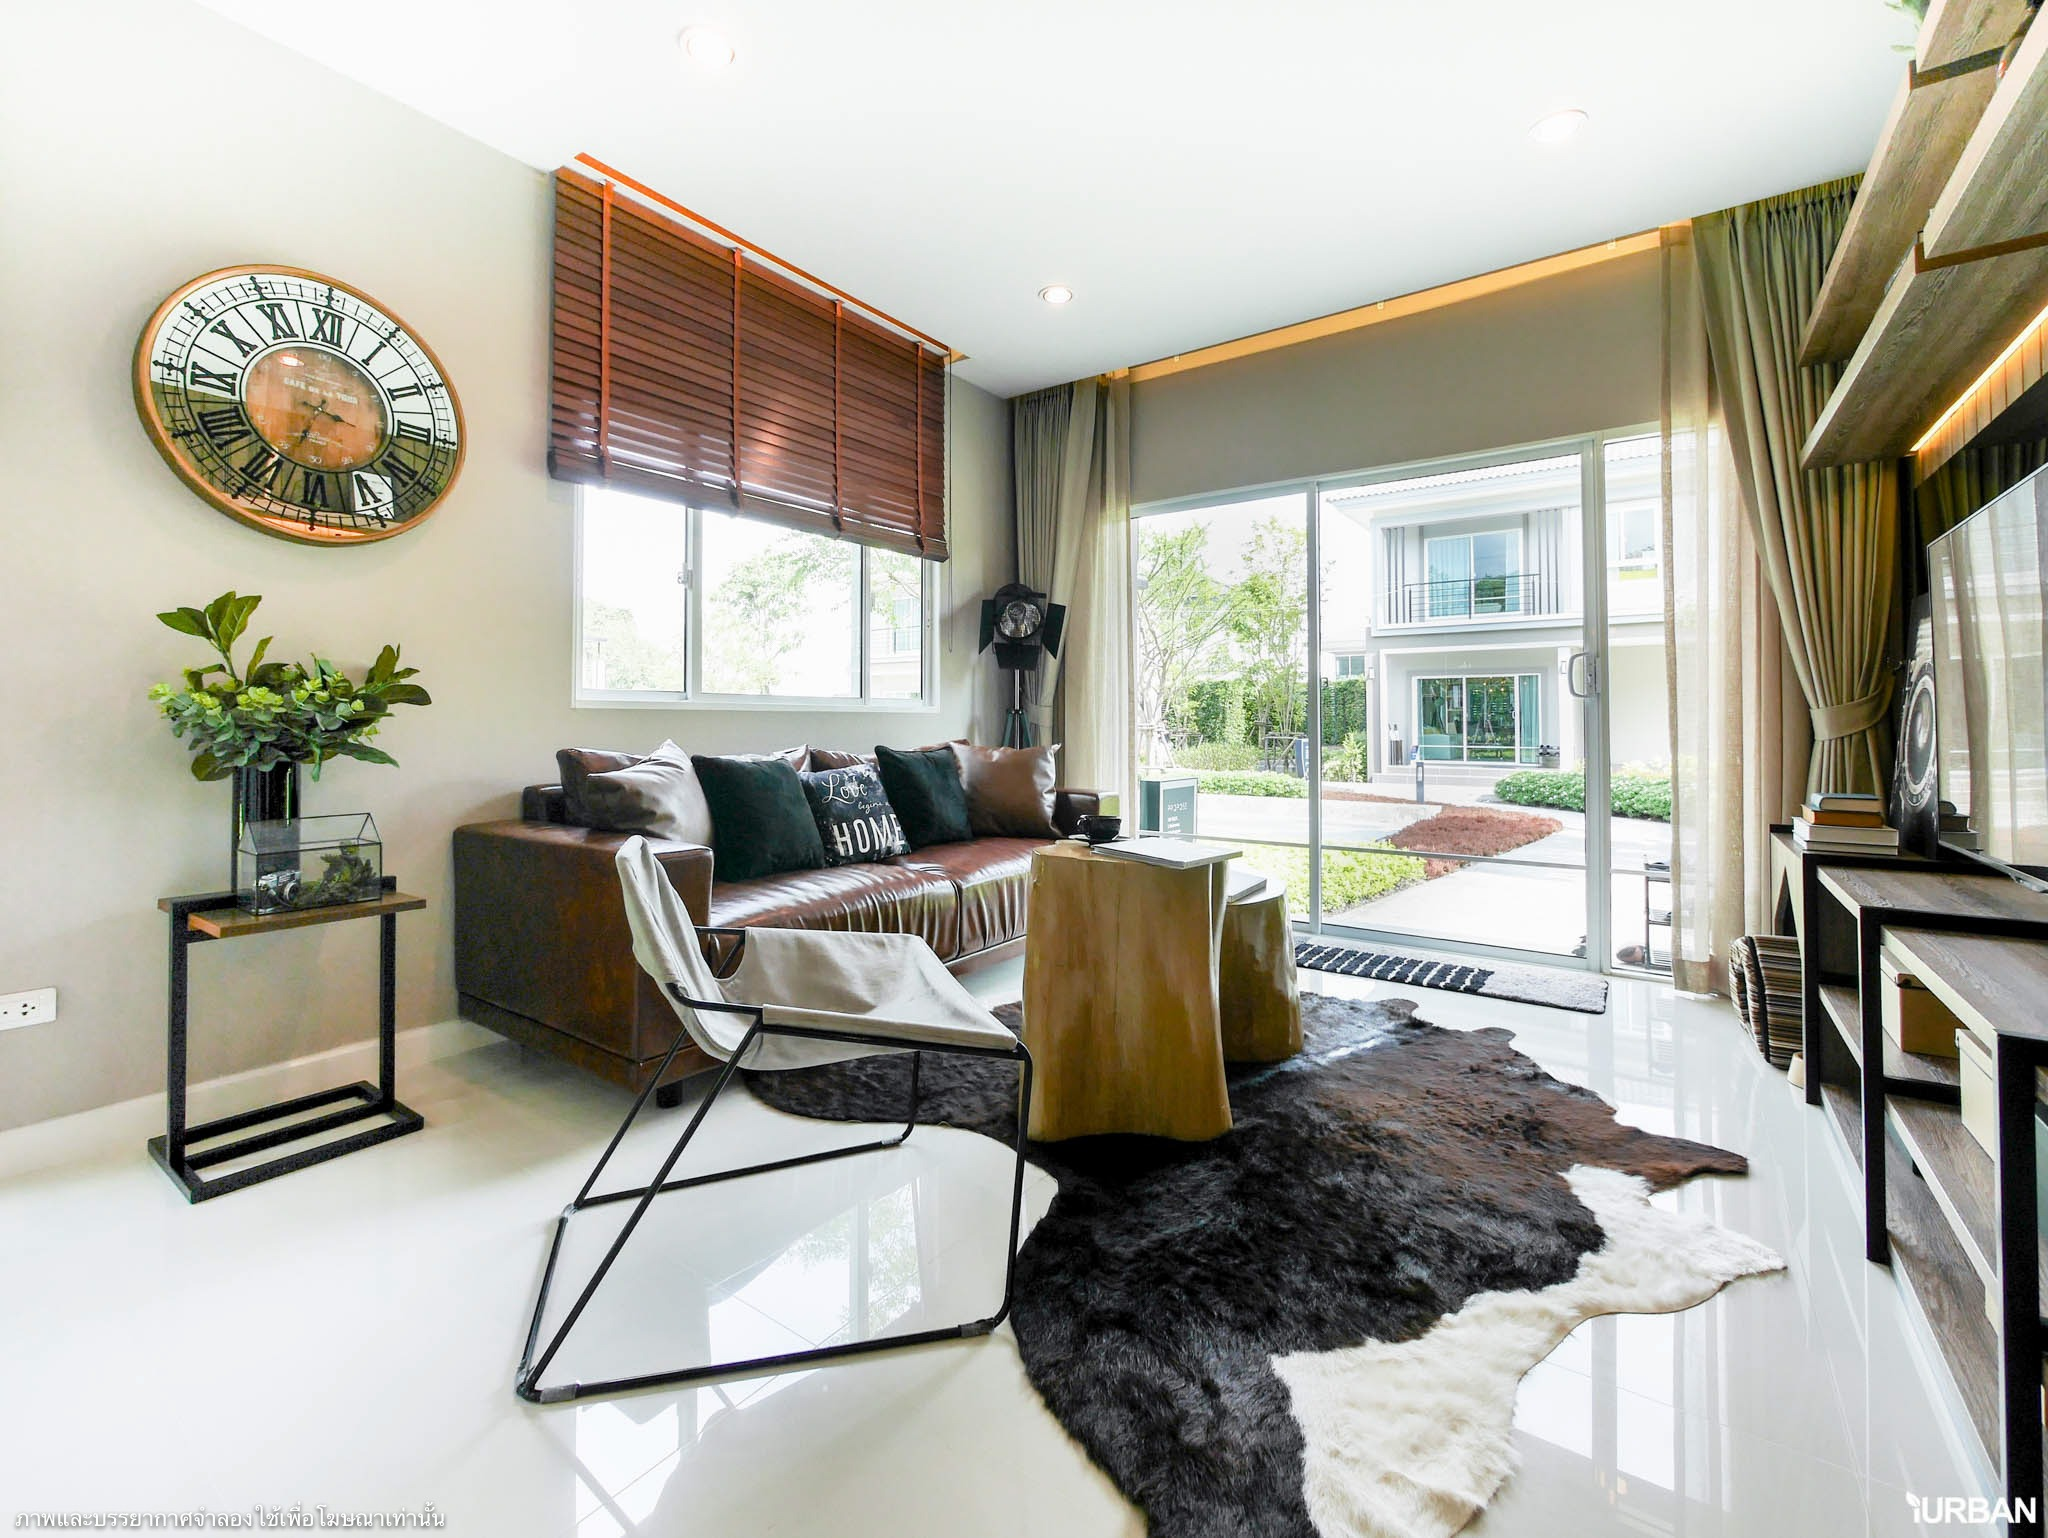 The Plant เทพารักษ์-บางนา ชมบ้านตัวอย่างและรีวิวโครงการ บ้านเดี่ยวดีไซน์สวย ทำเลดีใกล้ห้างและตลาด เริ่ม 3.8 ล้าน 21 - Megabangna (เมกาบางนา)